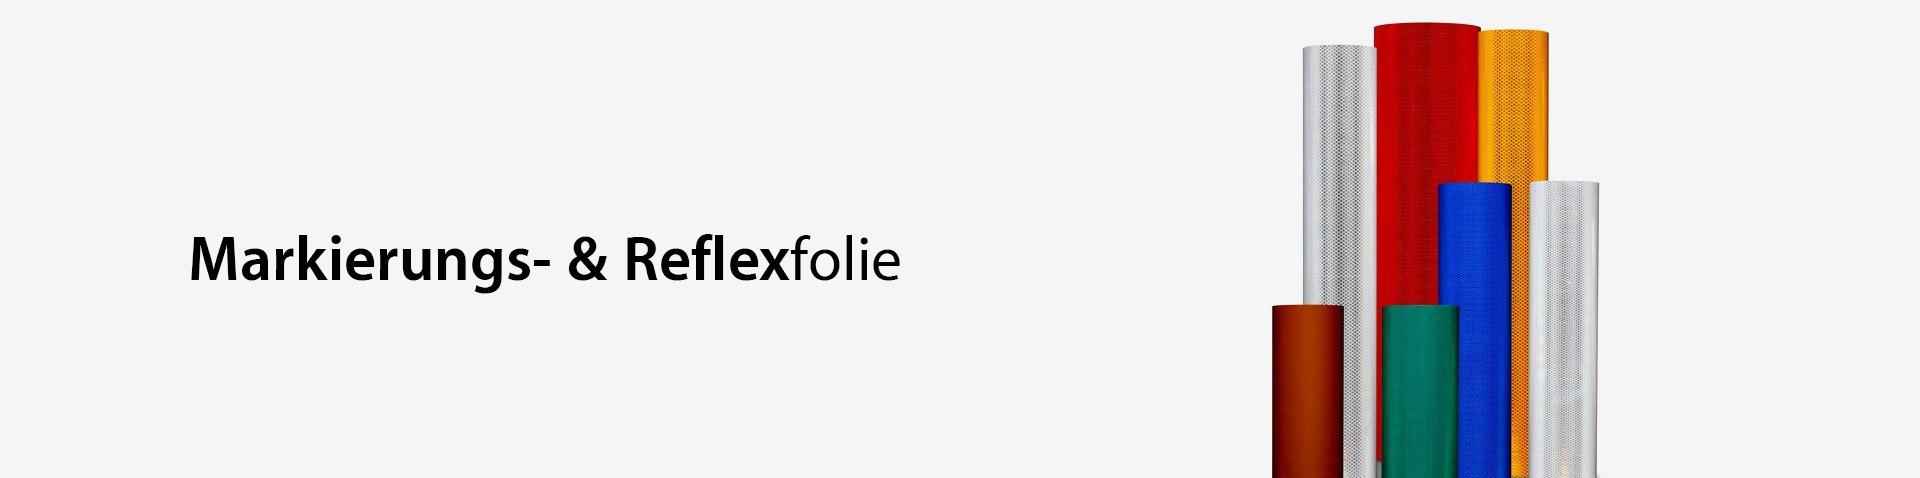 Markierungs- & Reflexfolie